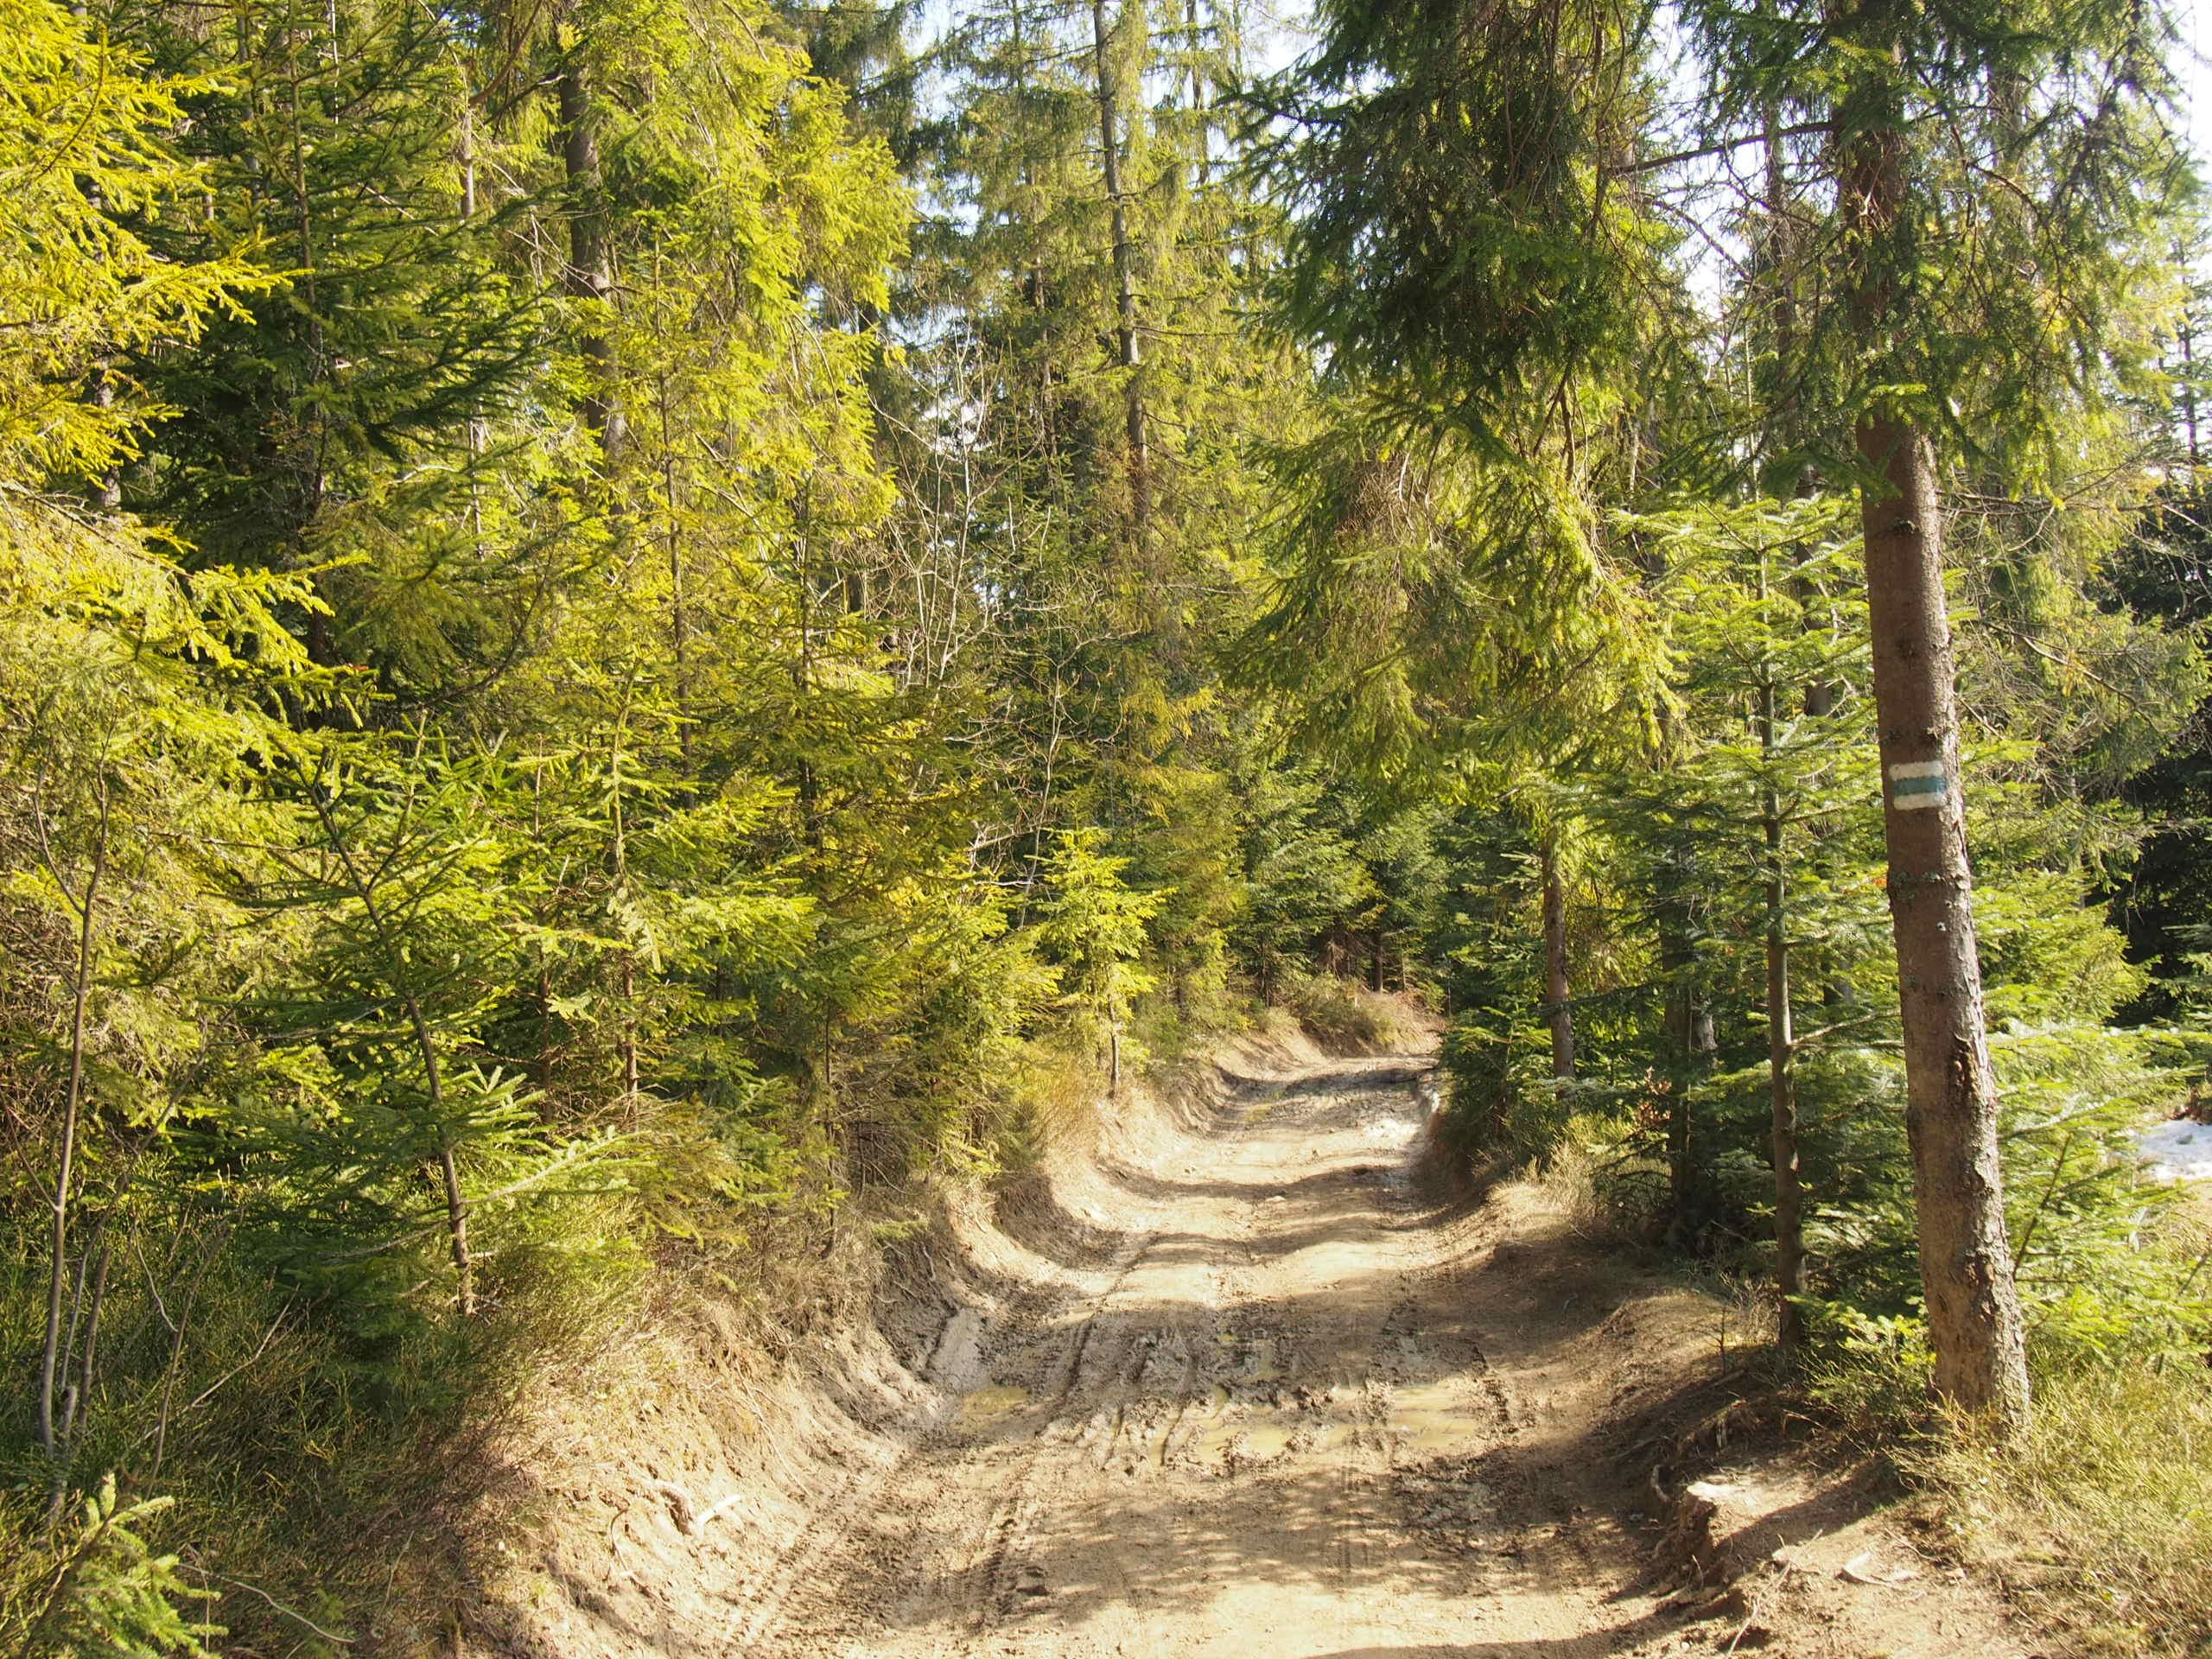 Droga przez las prowadząca do schroniska